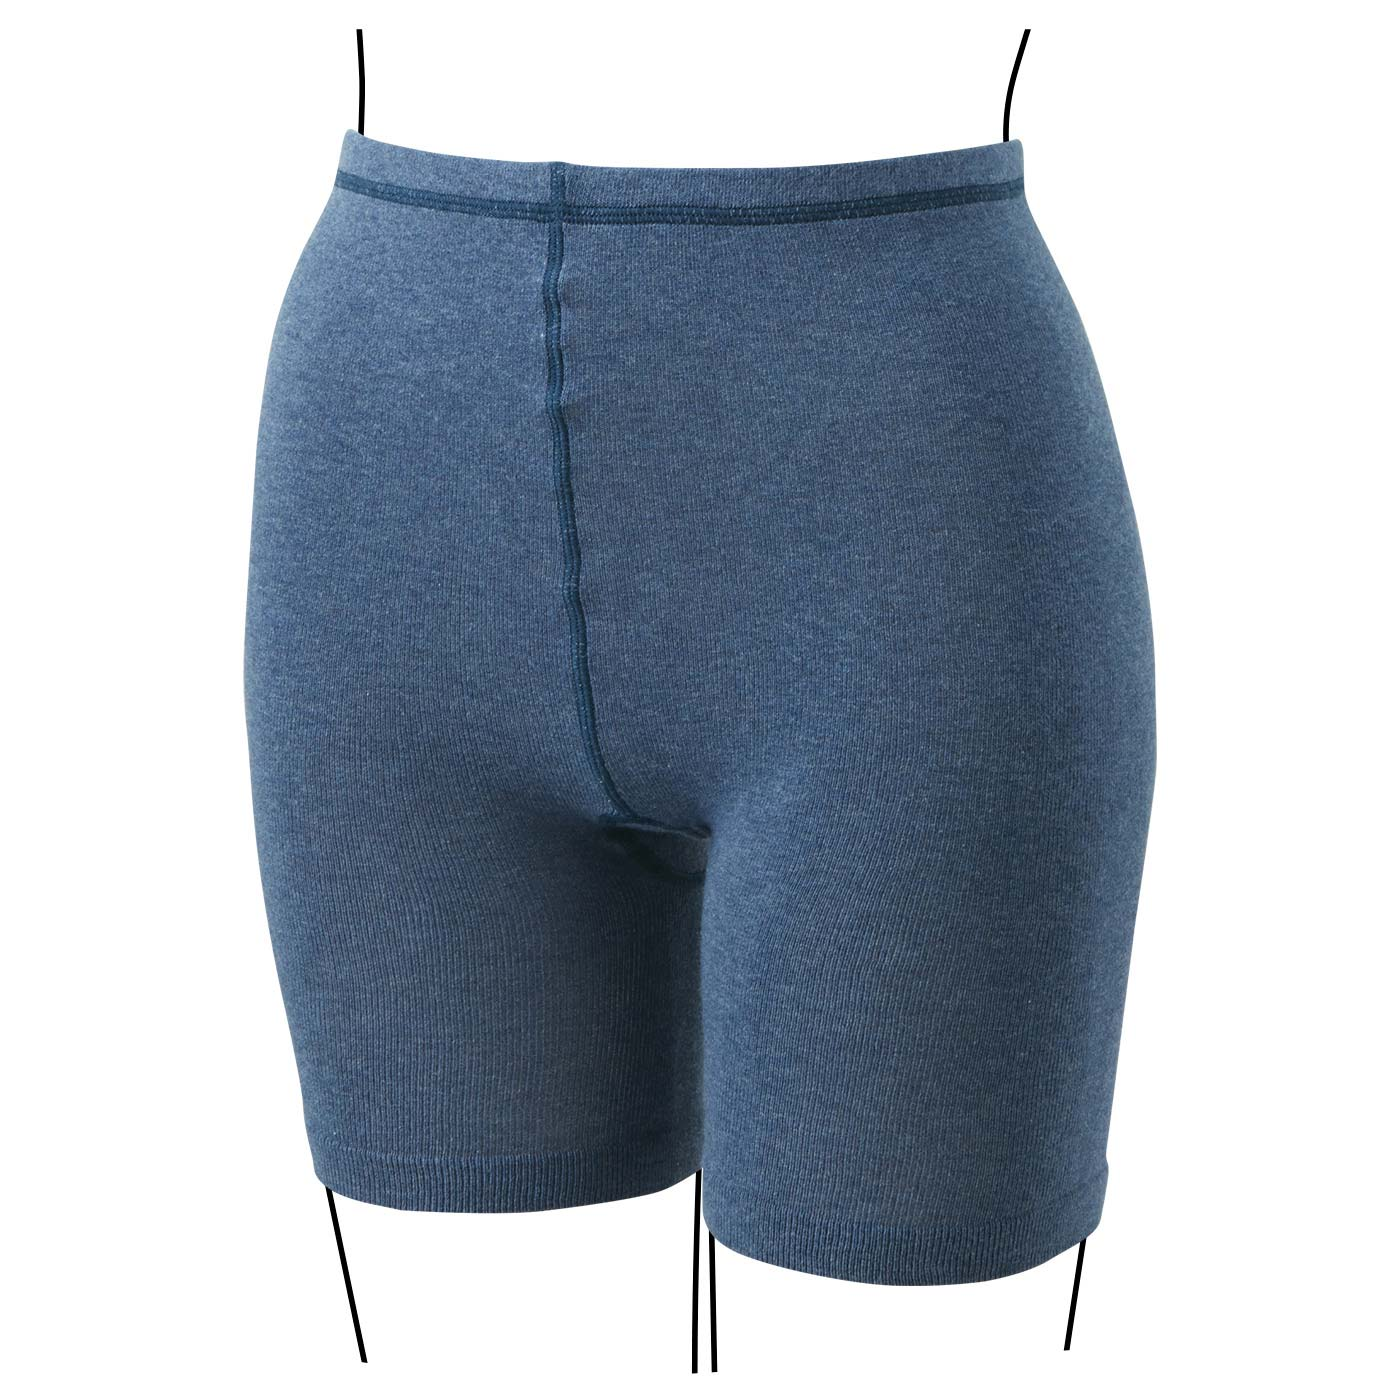 ブルー ひざ丈スカートでも見えにくい短め丈。きれいめスタイルの日も安心してはけます。また上深めで、おなかもしっかり覆います。